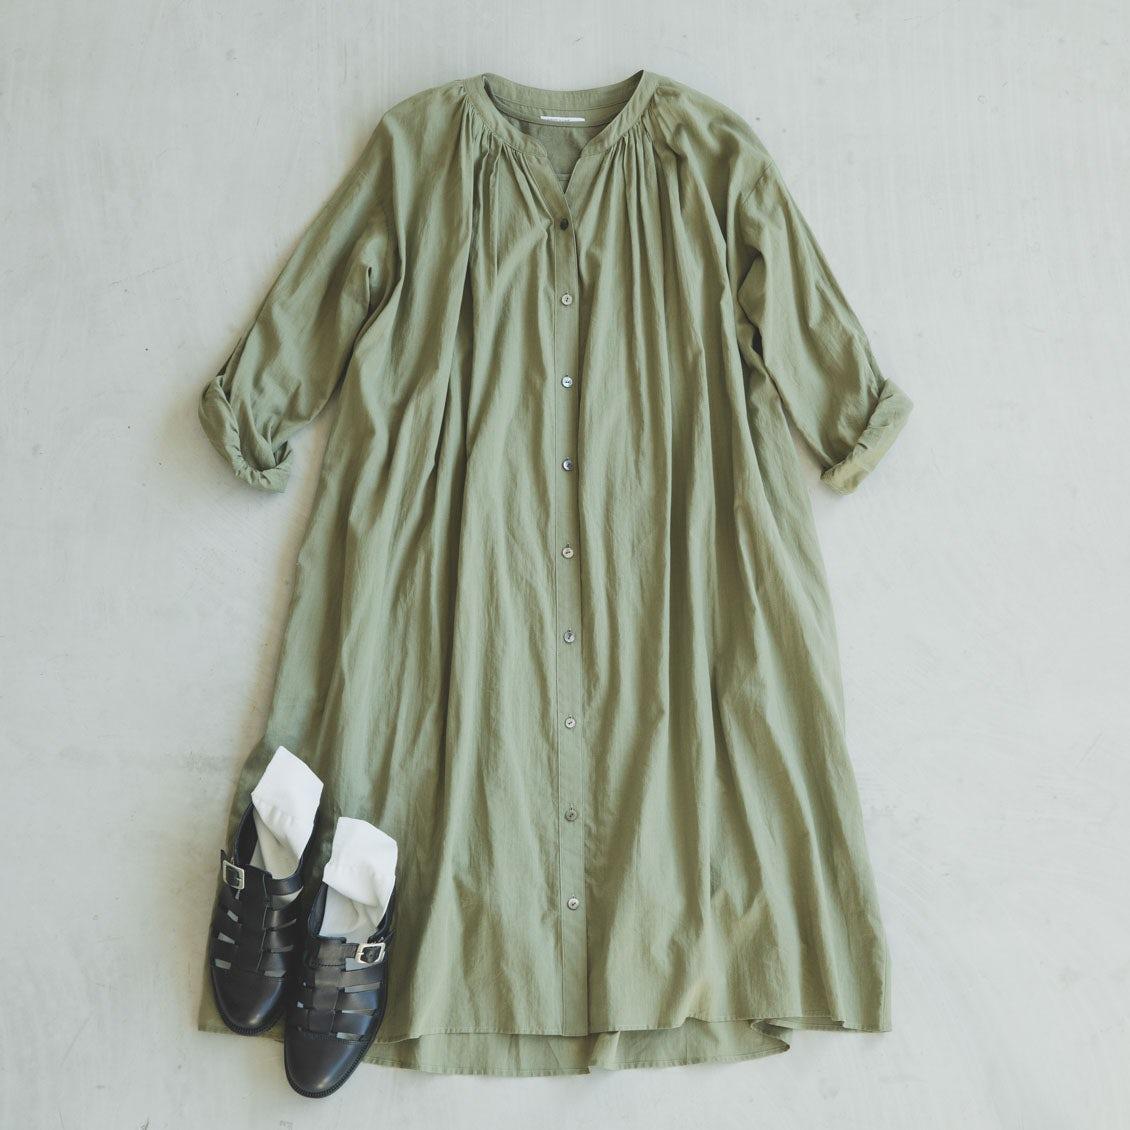 【大人の靴下マニュアル】スカートスタイルのとき。足元コーデに迷わないタイツや靴下の合わせ方